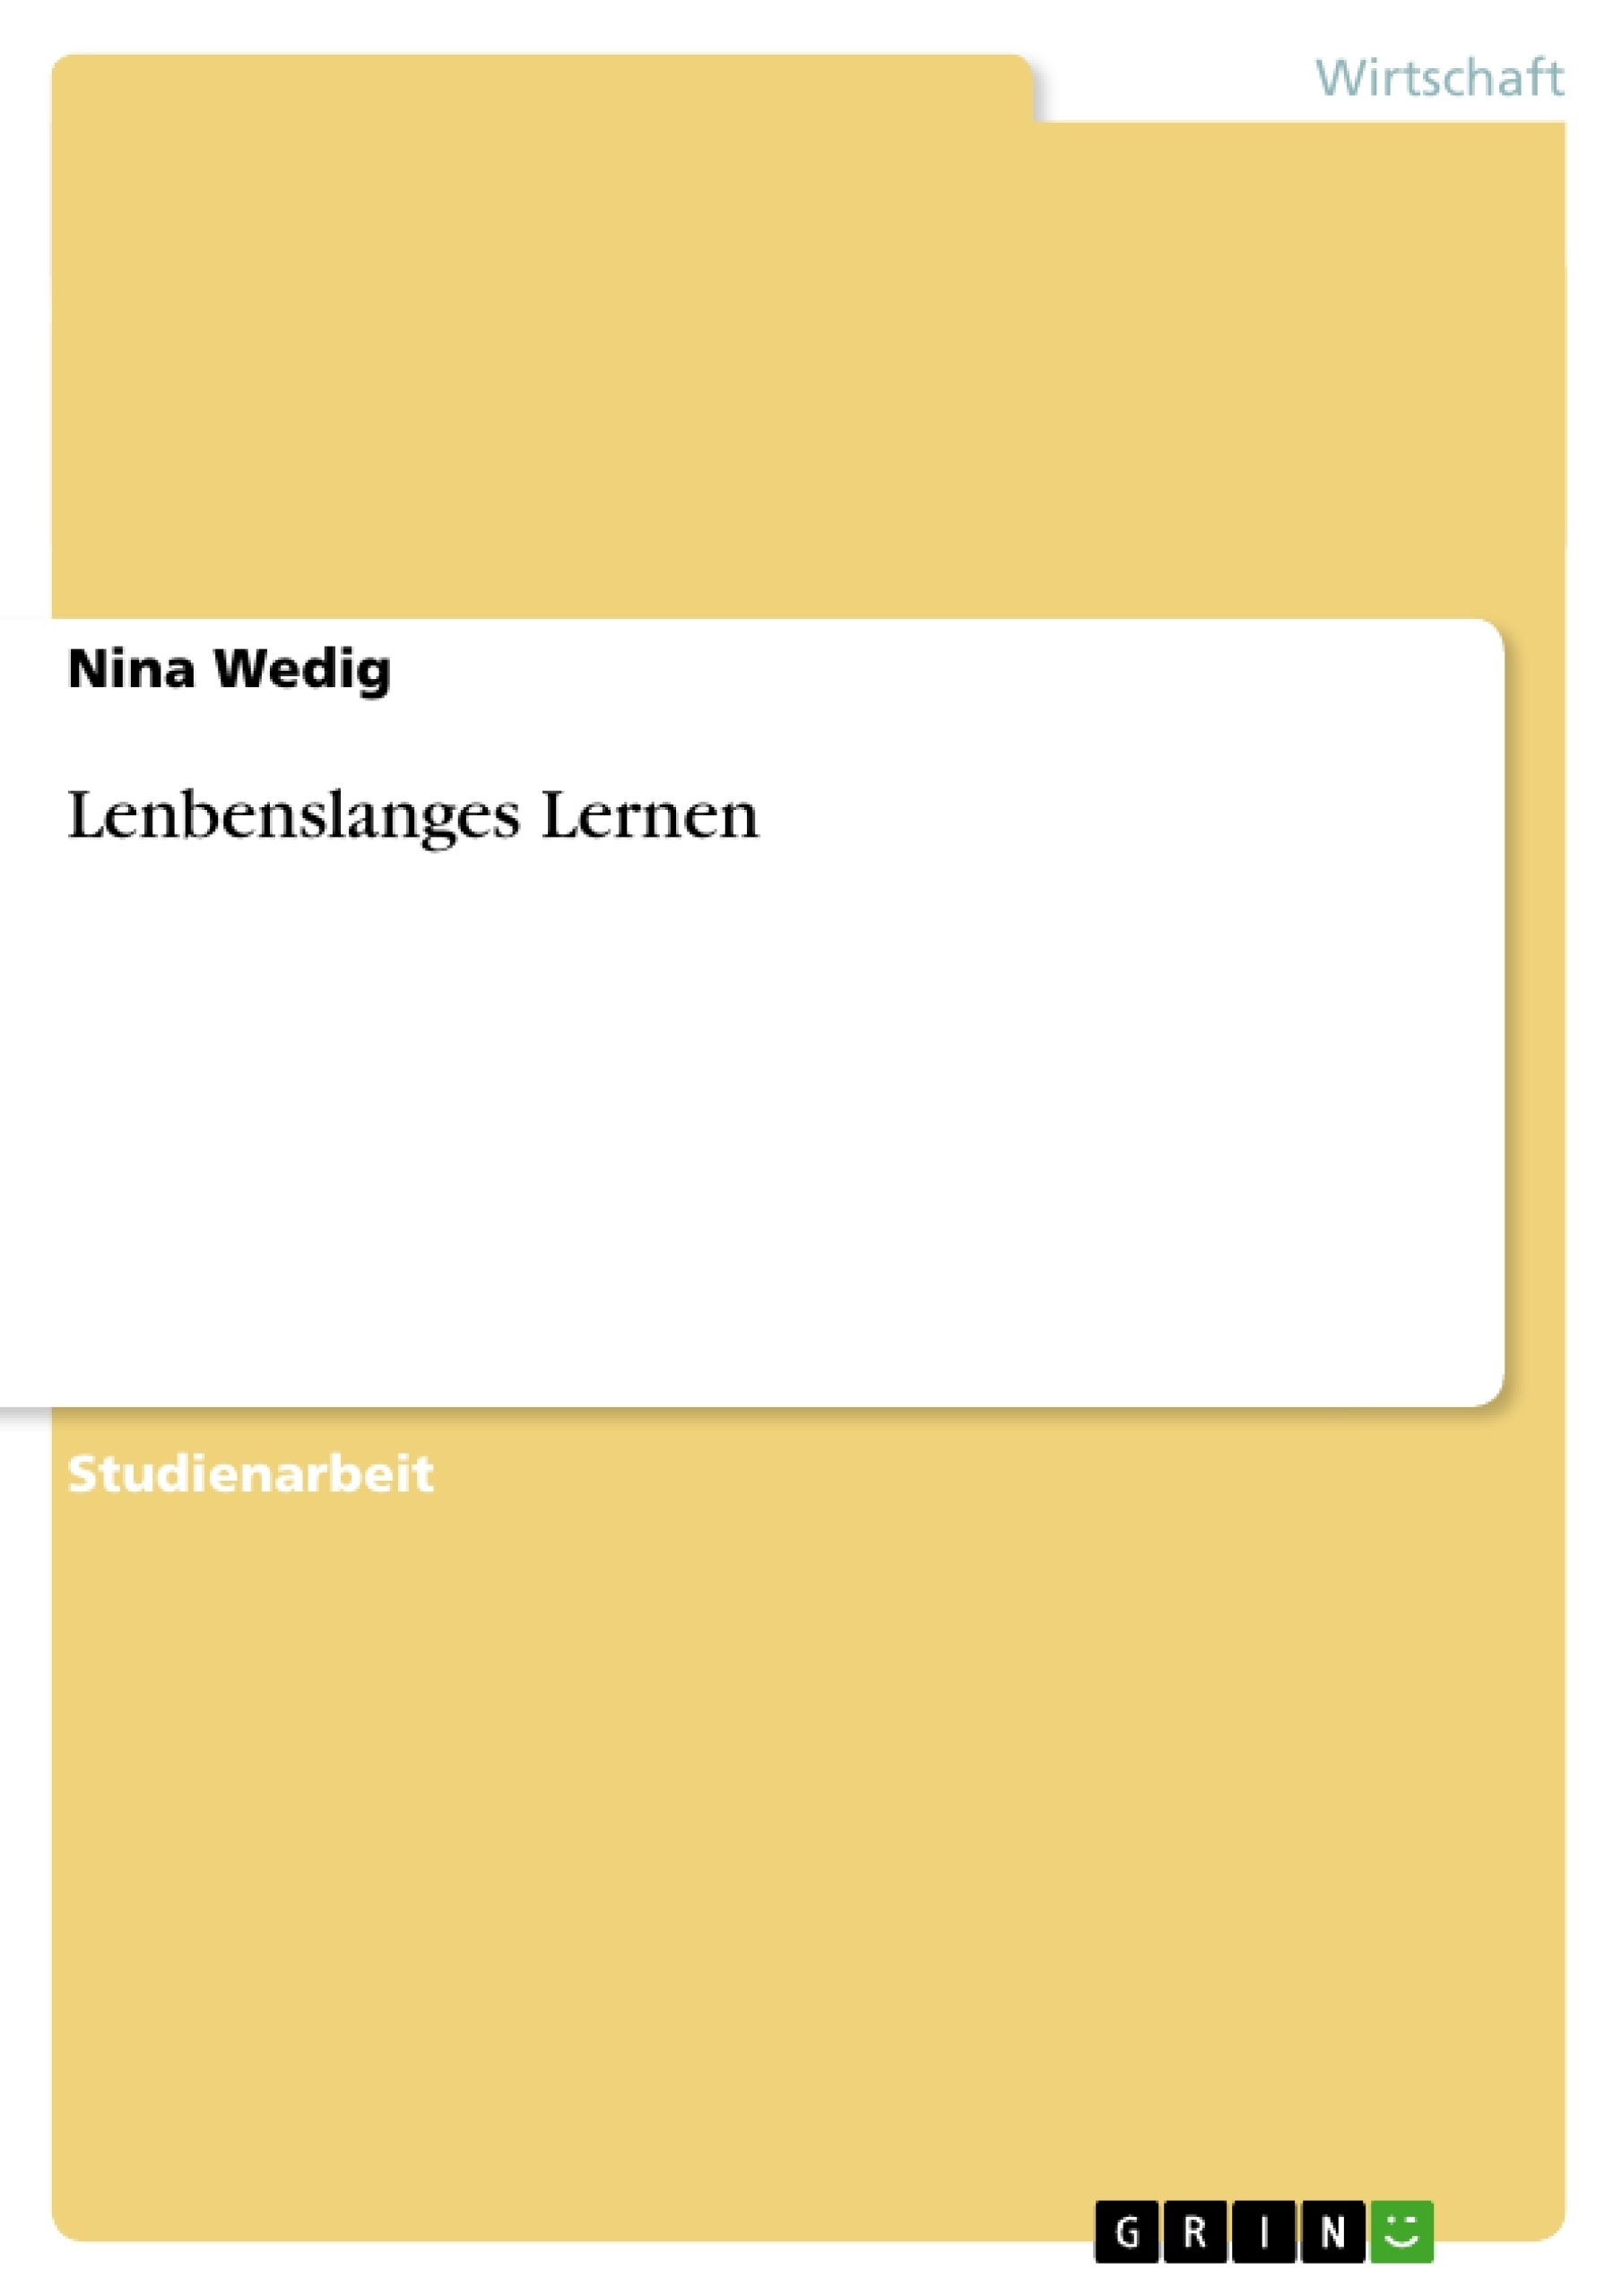 Titel: Lenbenslanges Lernen